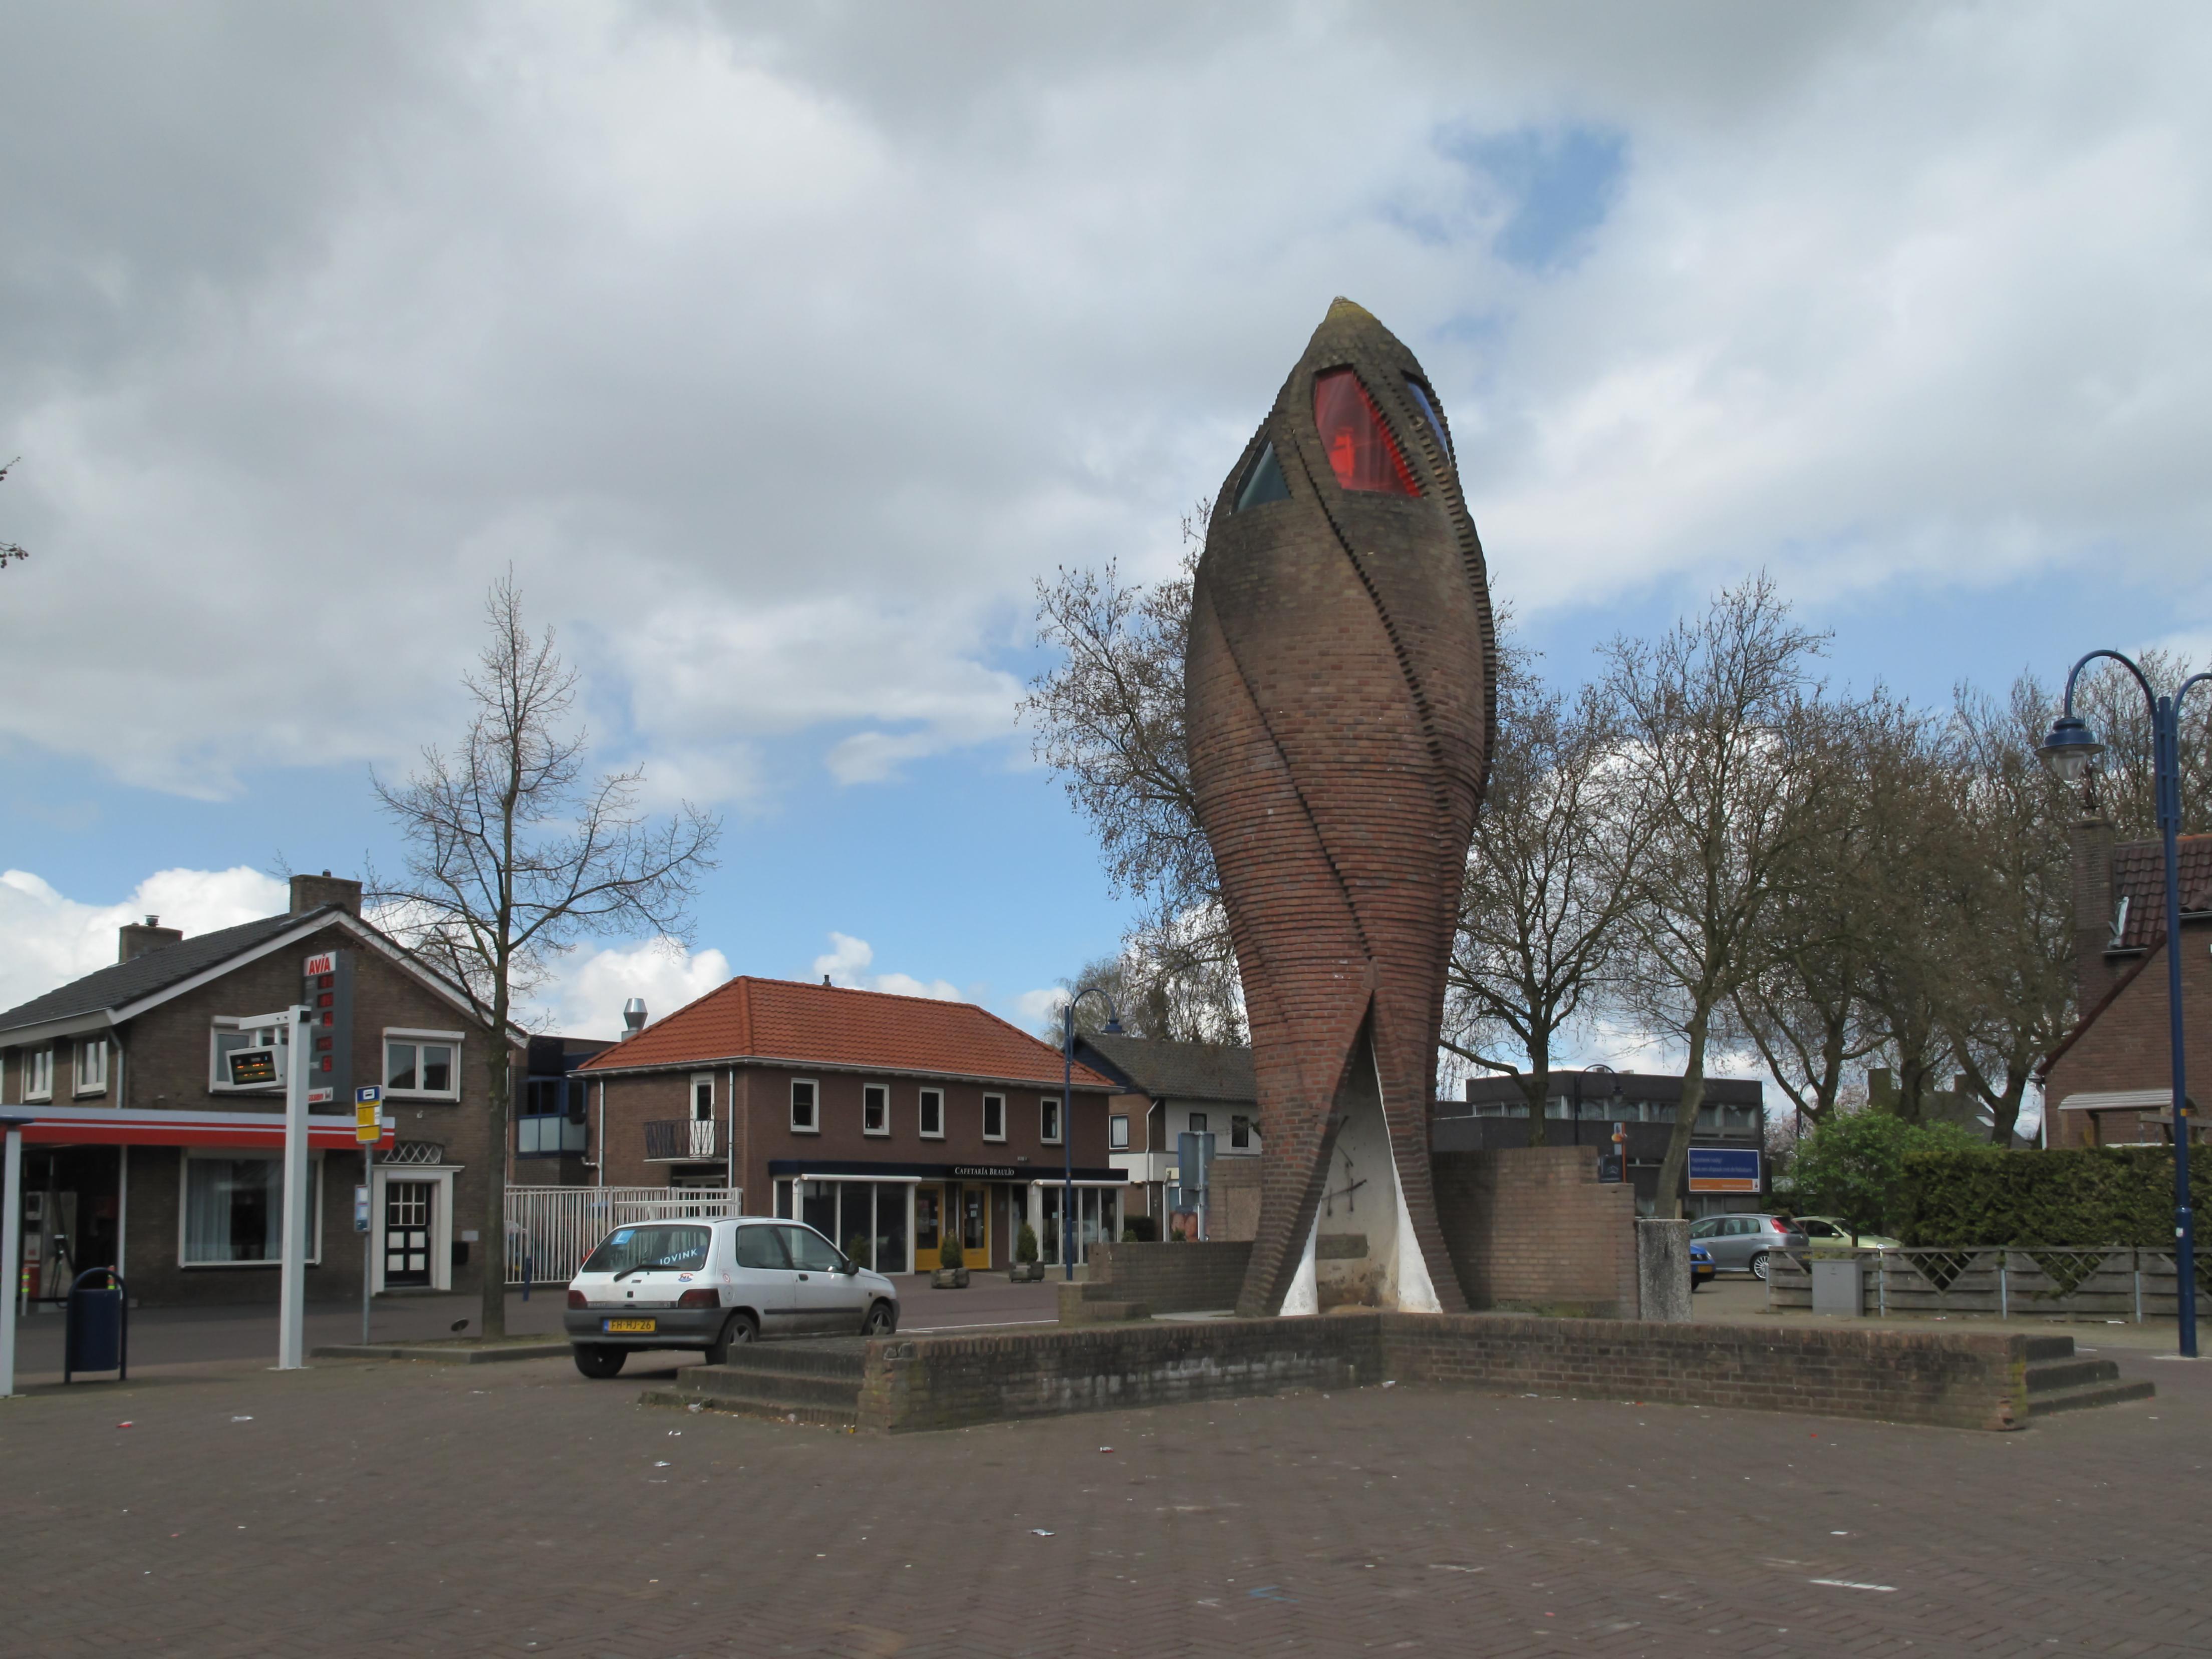 File:Gendt, het Julianaplein foto4 2012-04-16 12.46.jpg